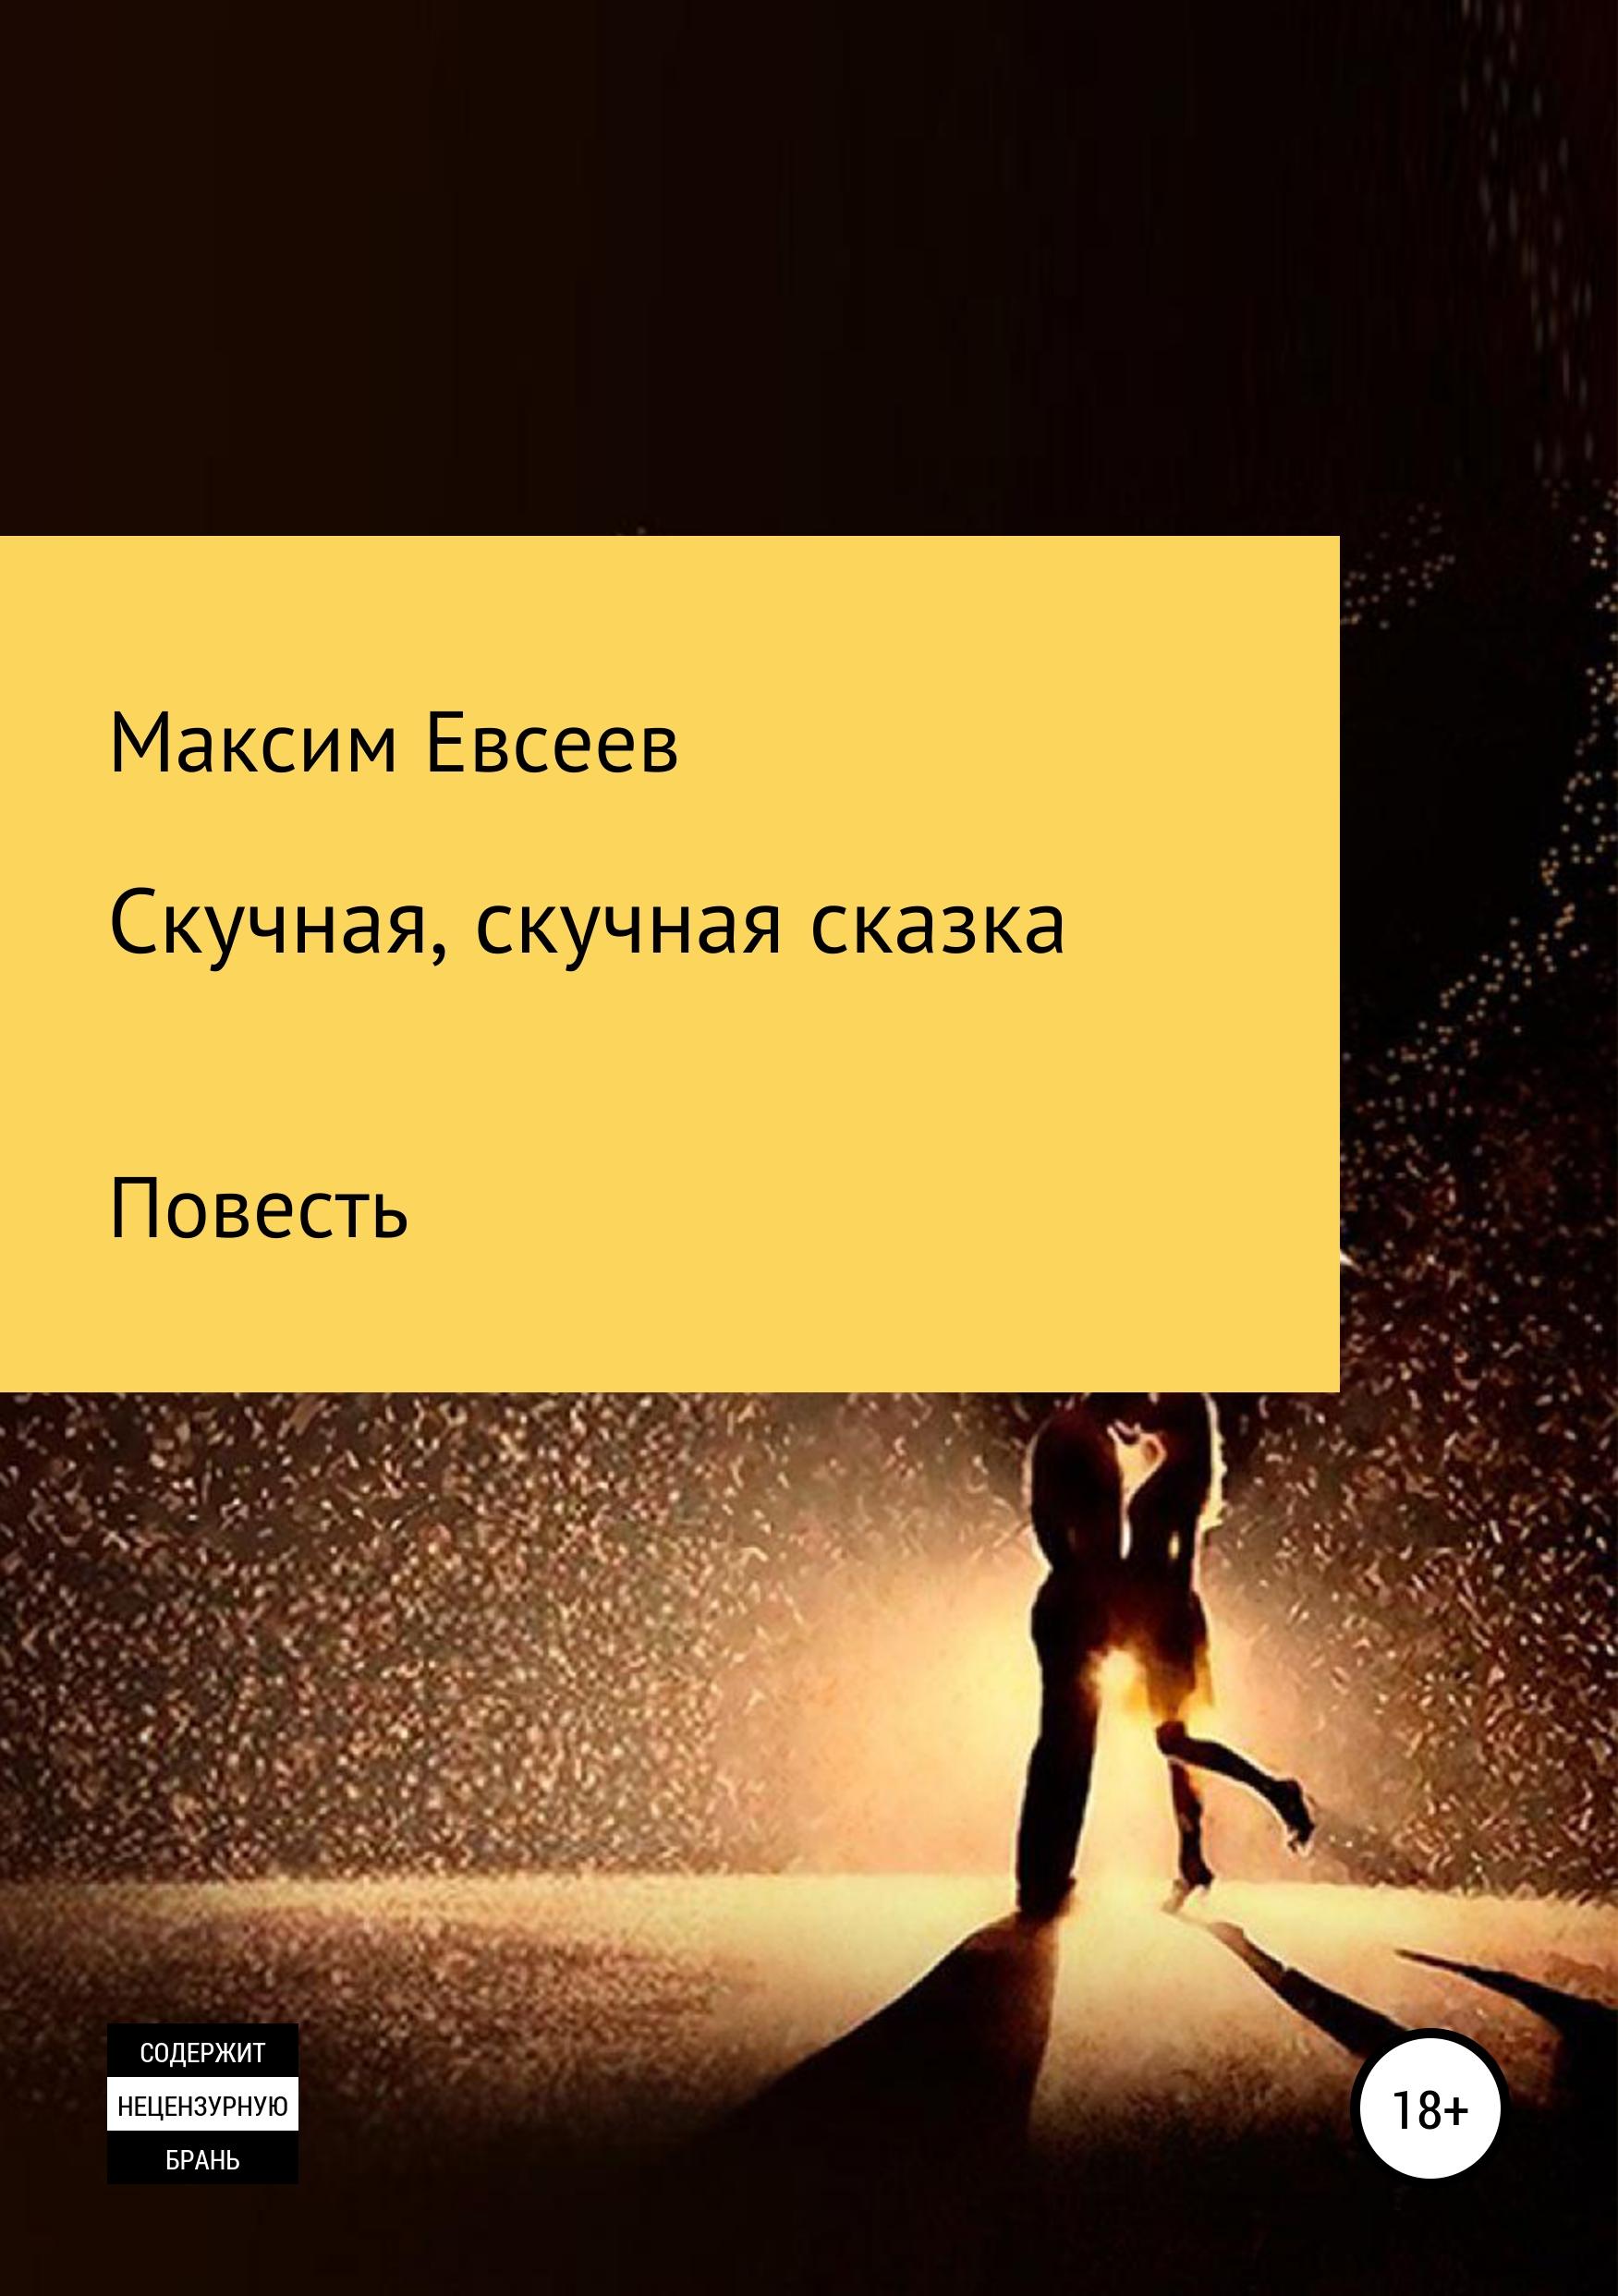 Максим Сергеевич Евсеев Скучная, скучная сказка скучная история 2019 01 17t19 00